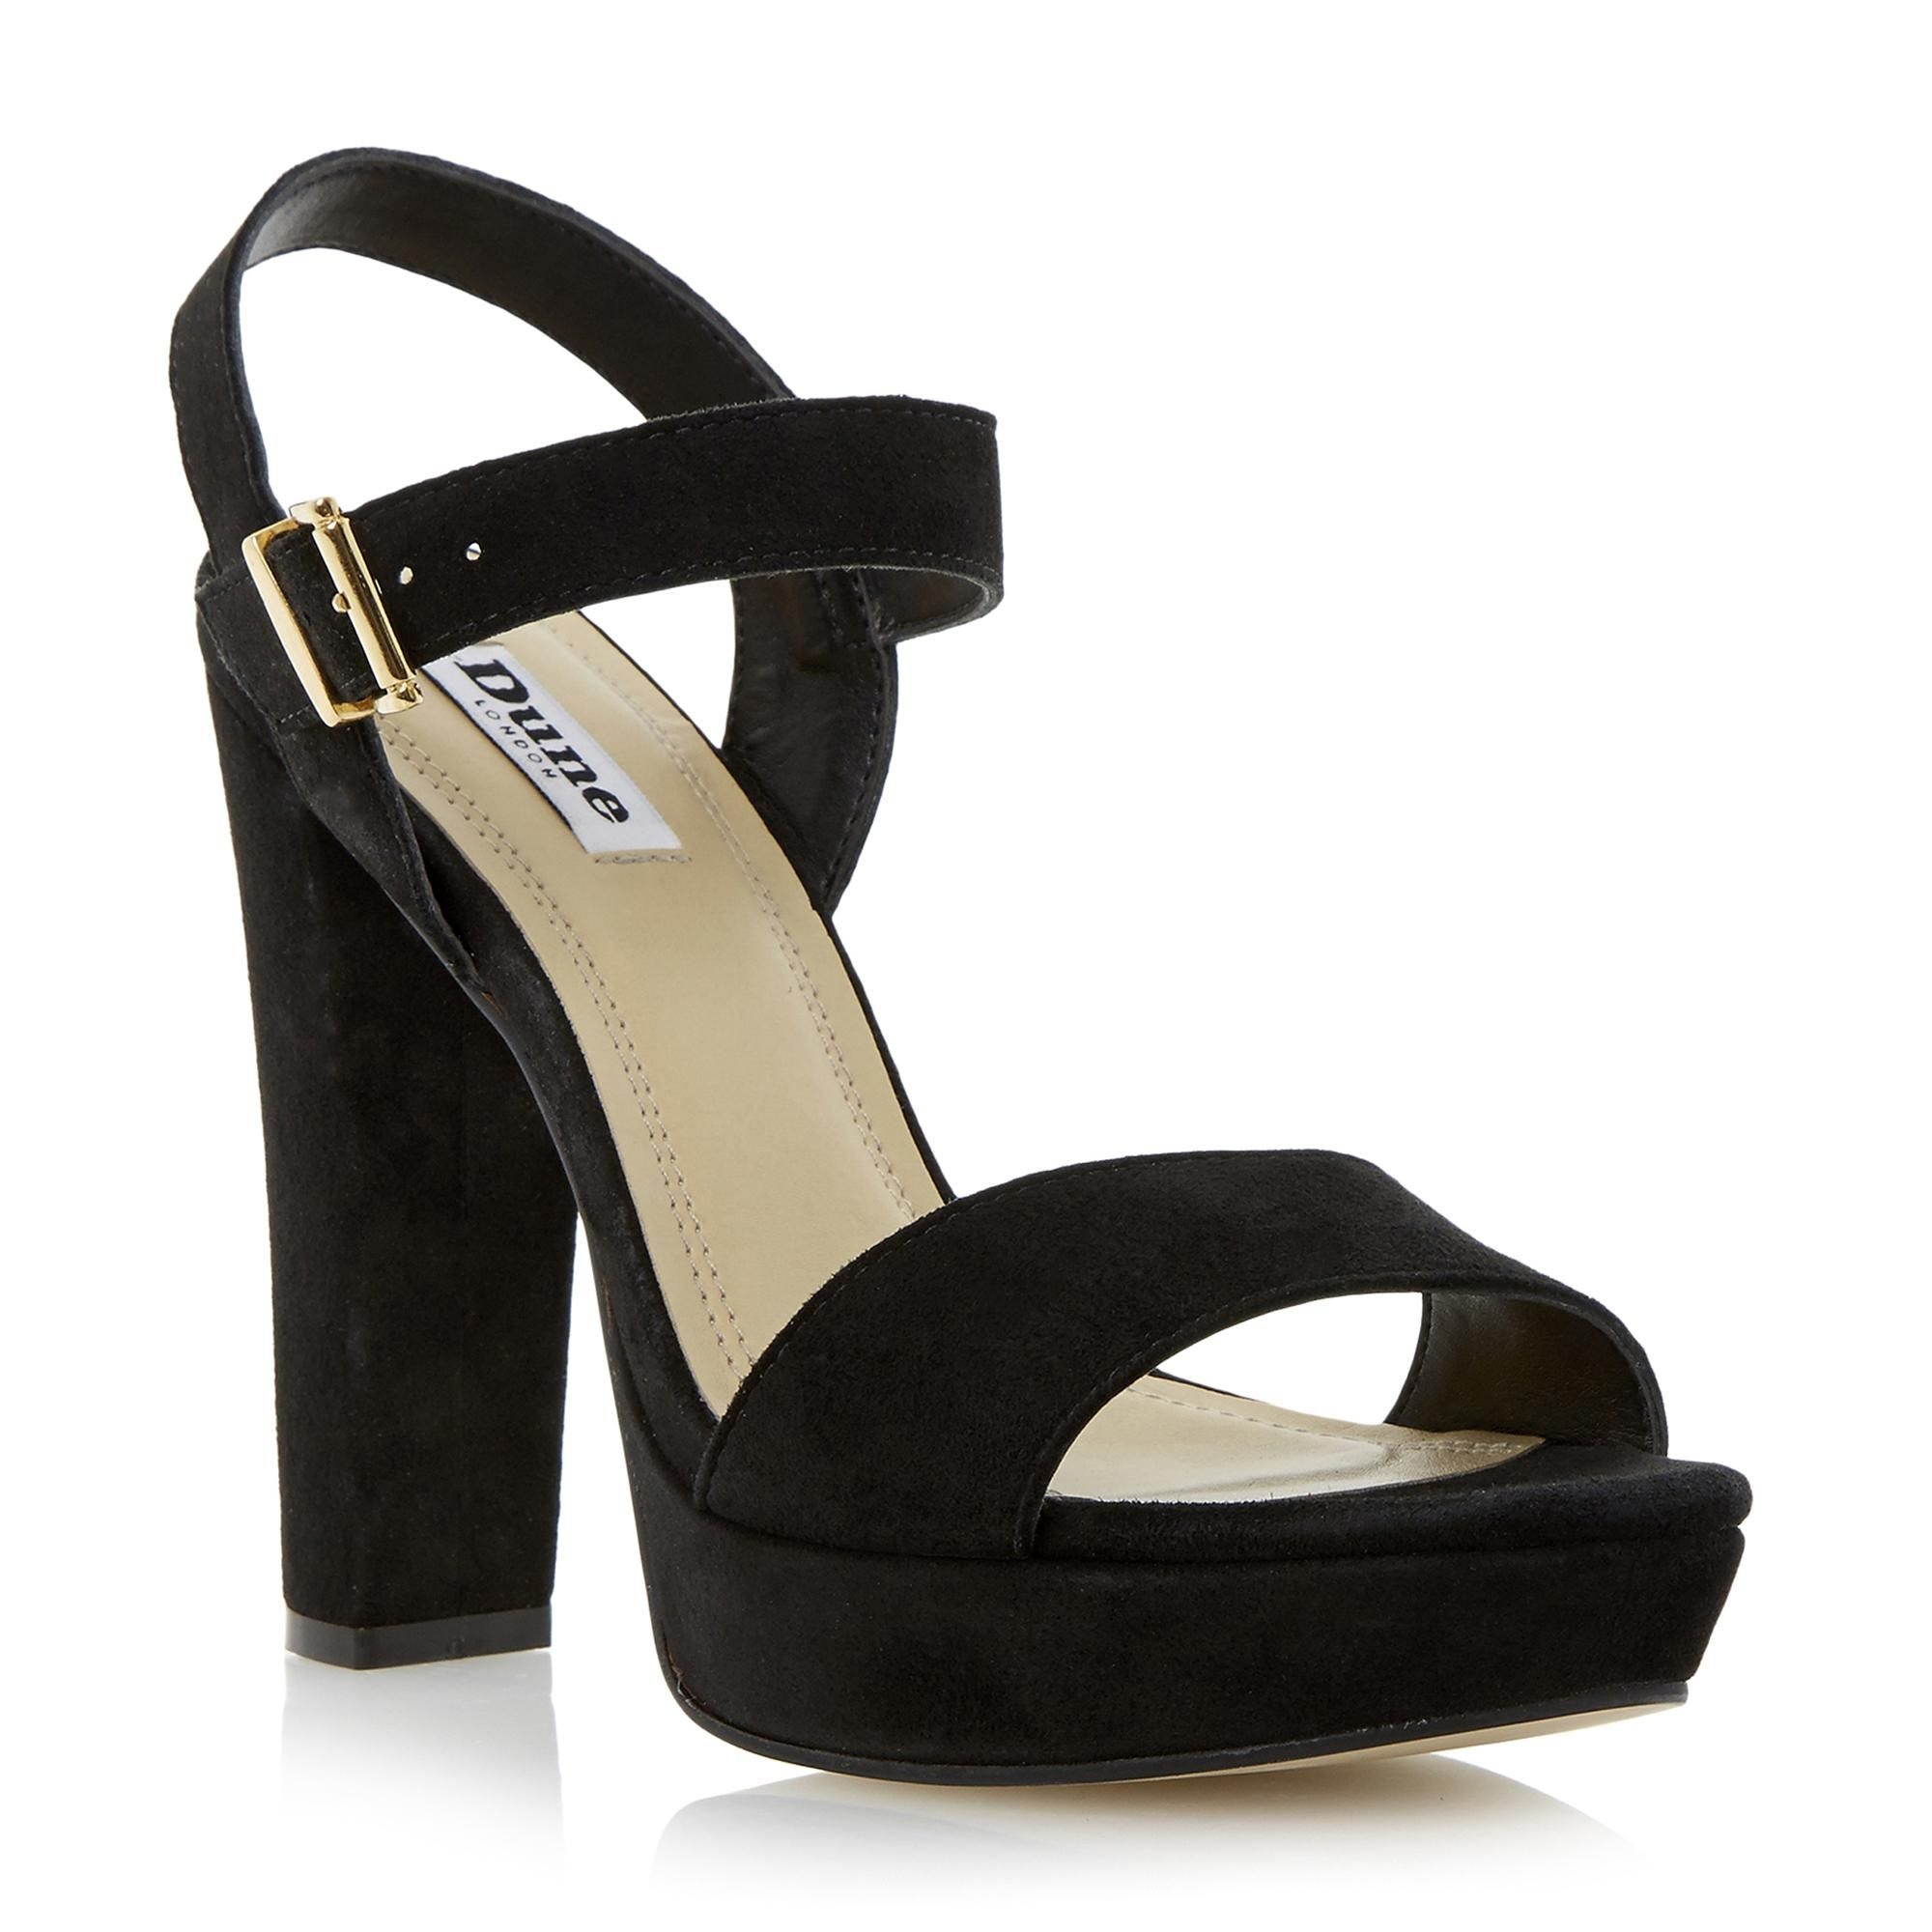 MARIELLA - Two Part Platform Sandal | Shoes online, Dune and Sandals